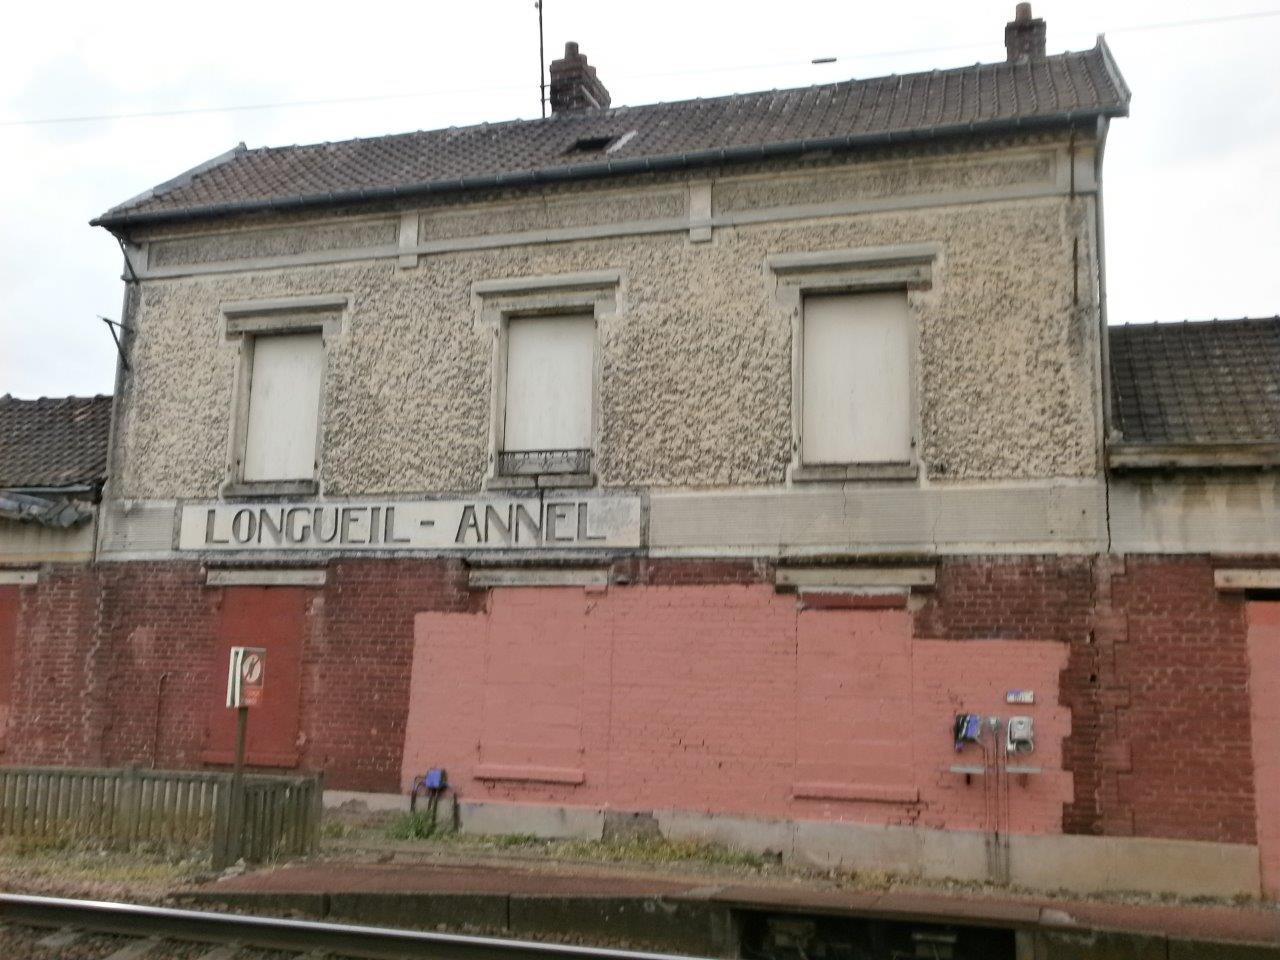 gare-de-longueil-annel-train-station